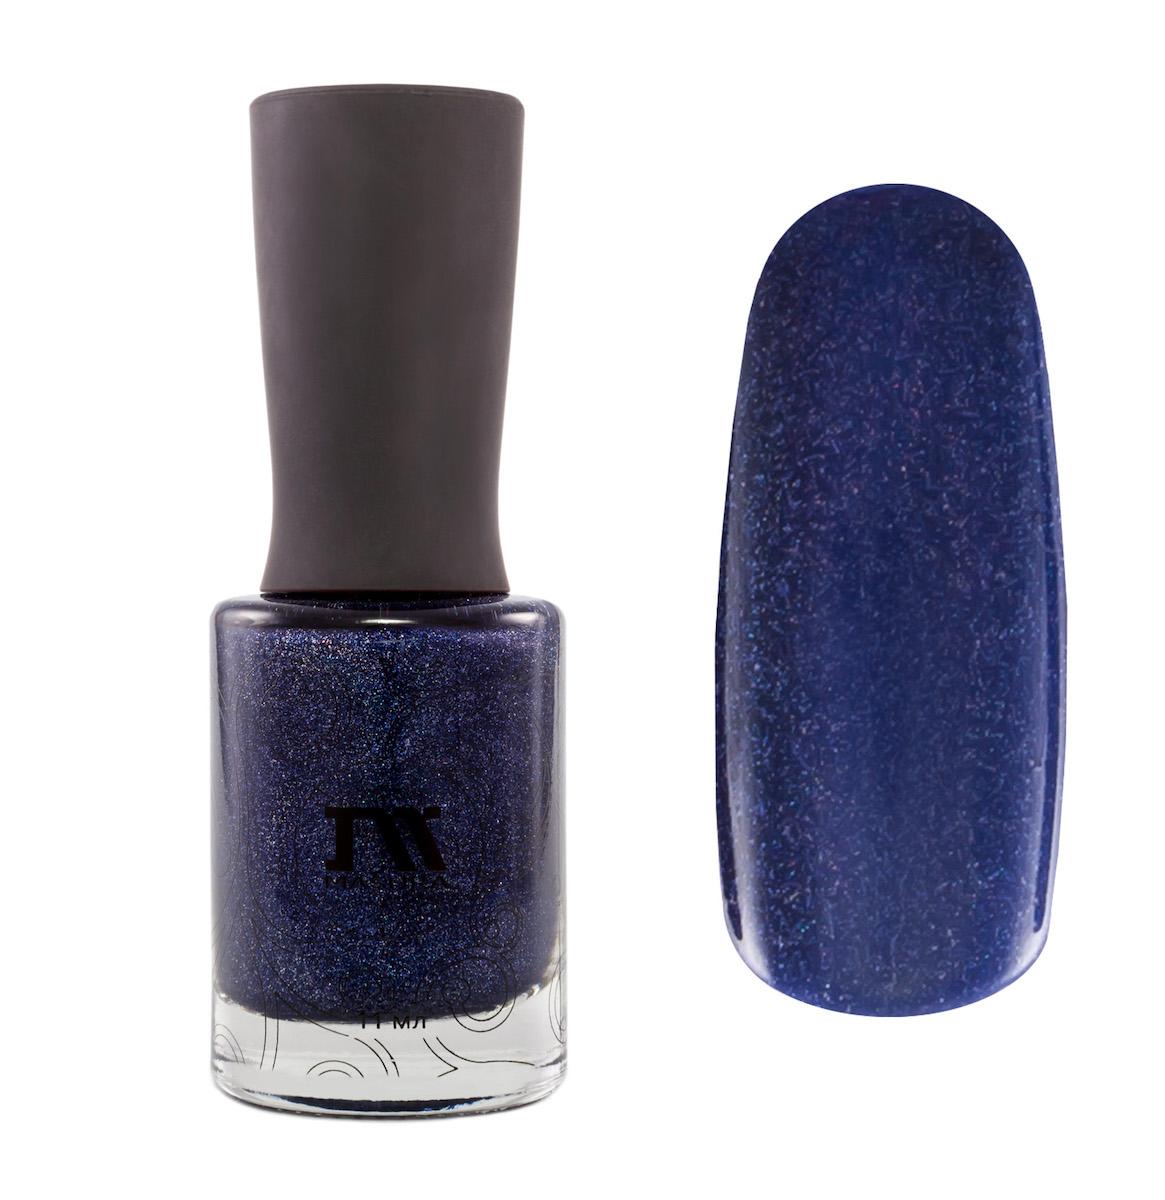 Masura Лак для ногтей Это Мой День, 11 мл1035фиолетовый с серым подтоном, с явным голографическим мерцанием